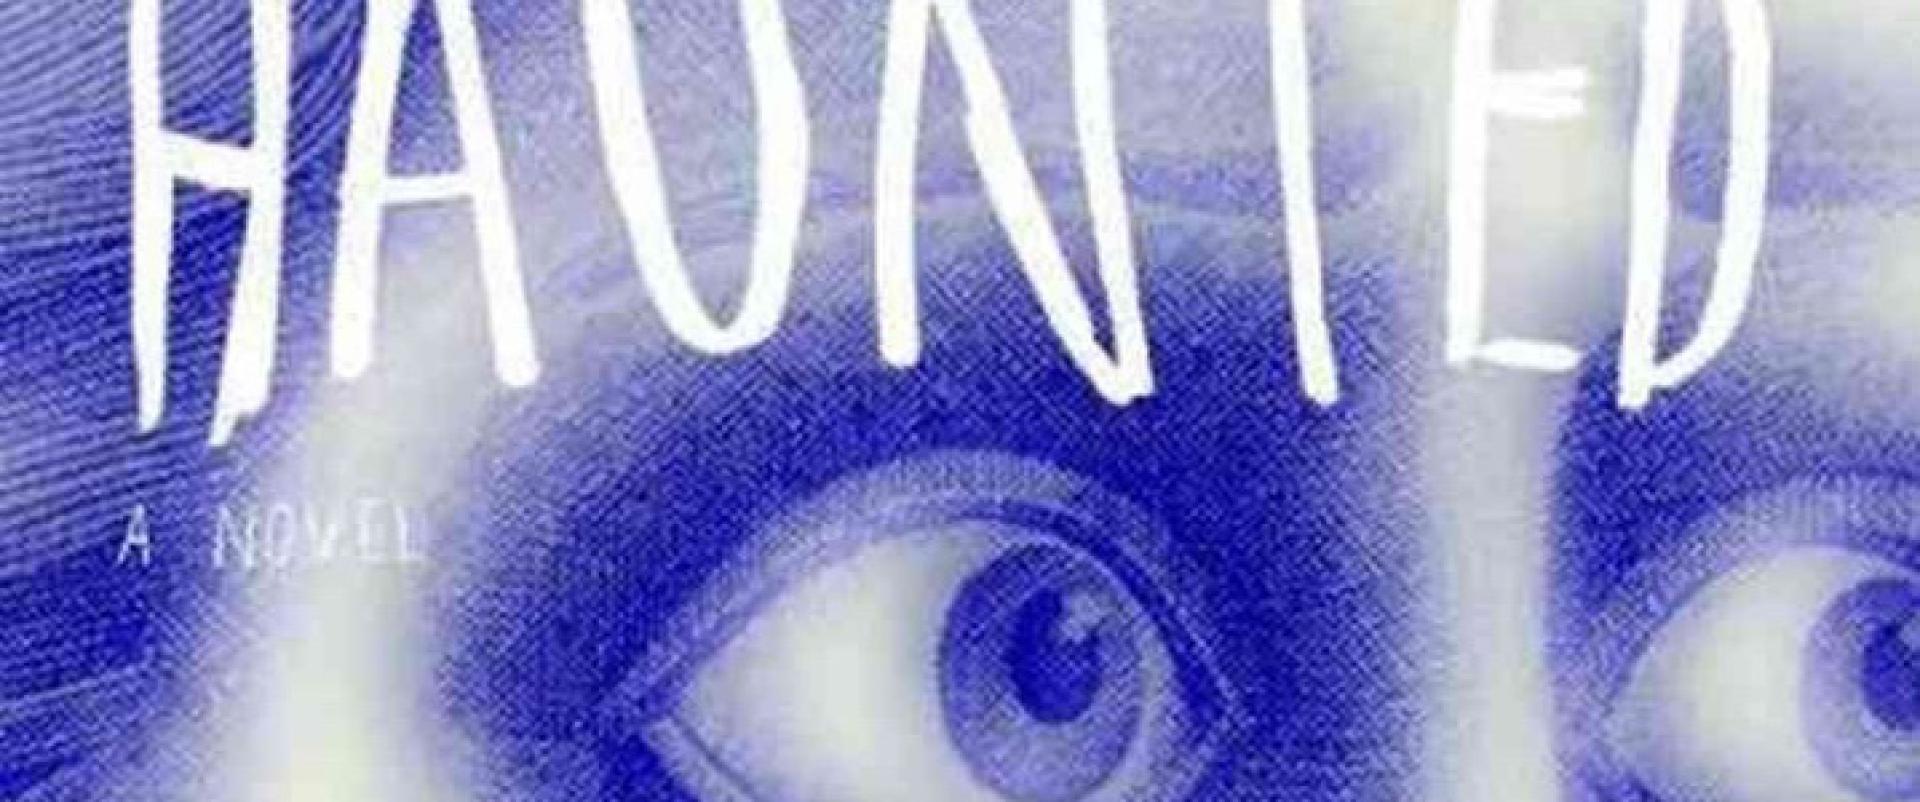 Chuck Palahniuk: Haunted - Kísértettek (2005)